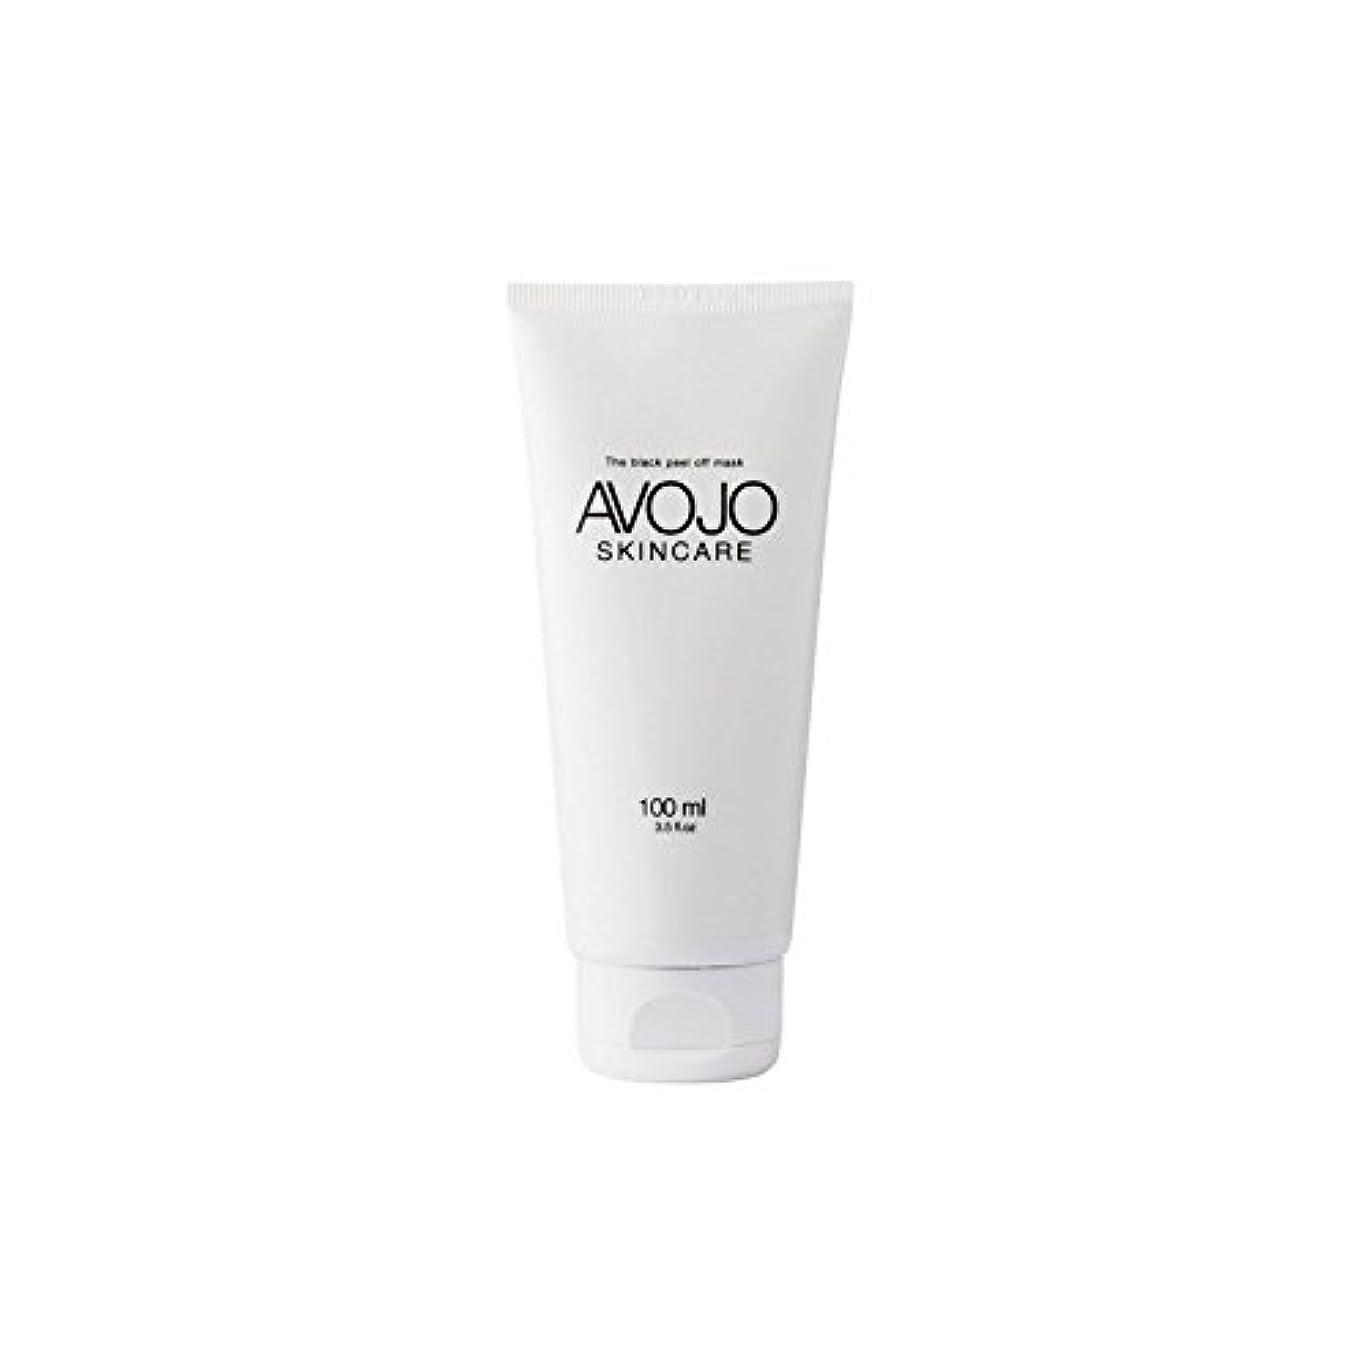 フェロー諸島不満に賛成- 黒皮オフマスク - (ボトル100ミリリットル) x4 - Avojo - The Black Peel Off Mask - (Bottle 100ml) (Pack of 4) [並行輸入品]